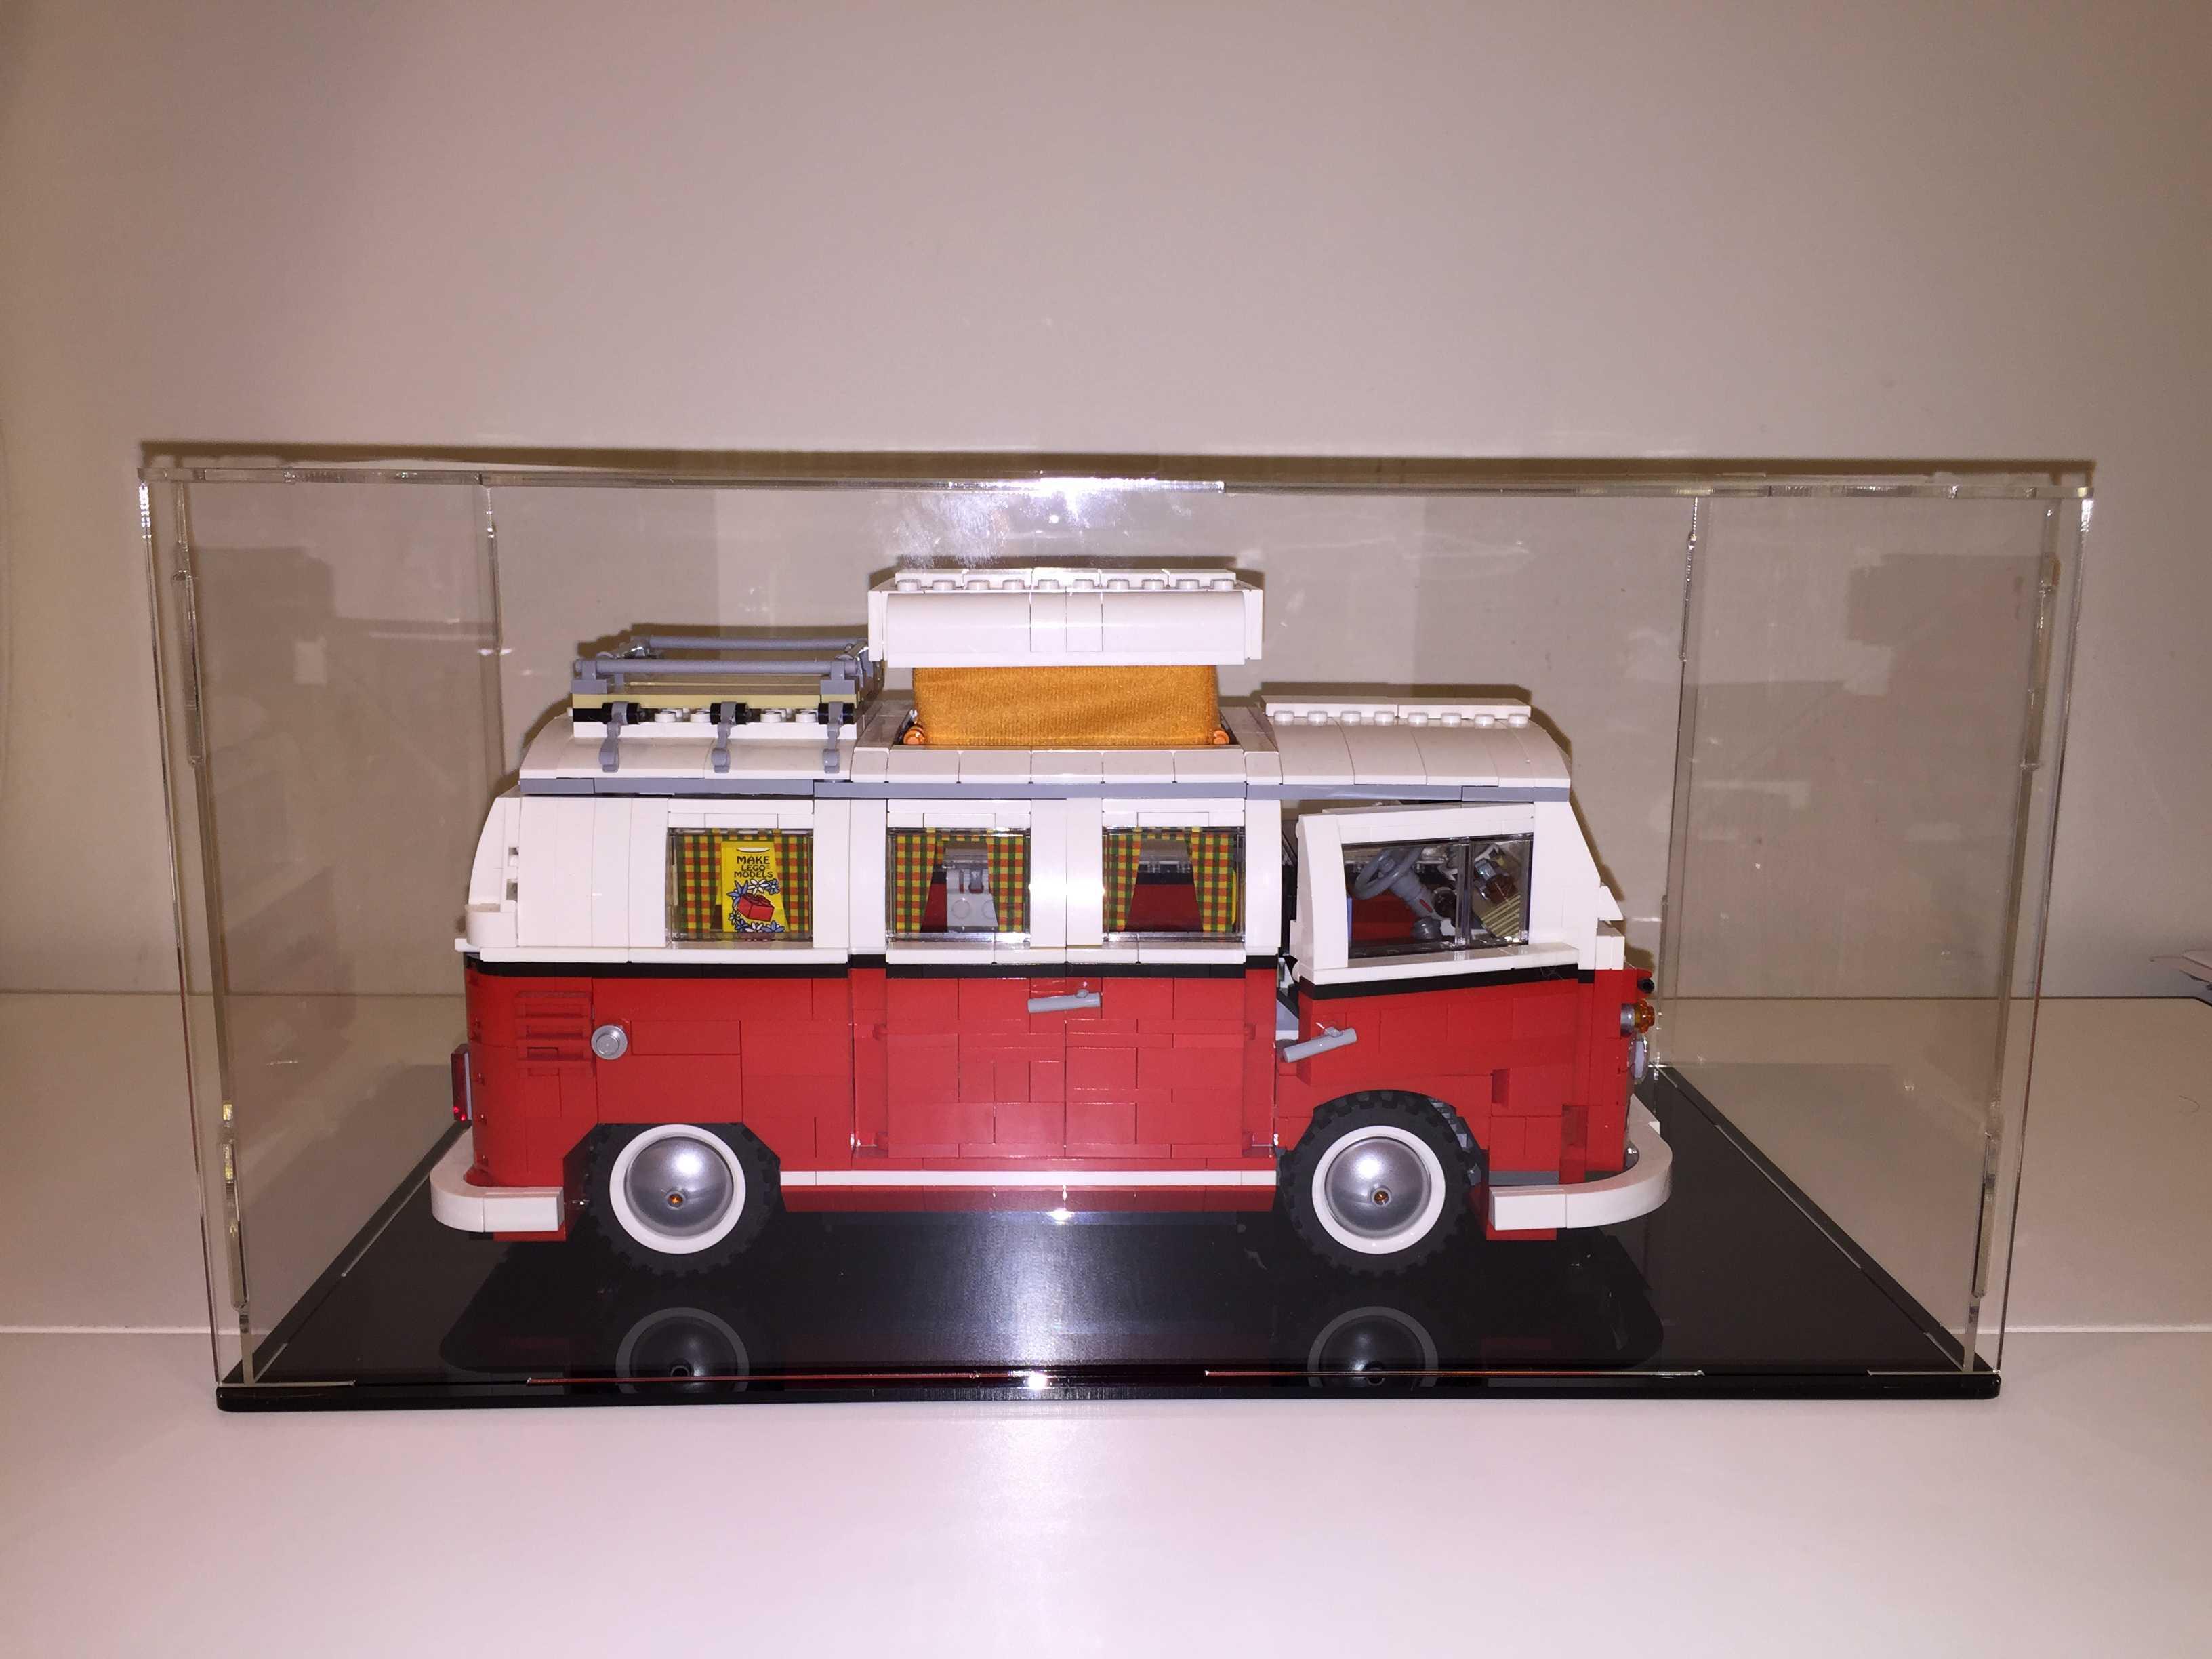 custom made lego volkswagen t1 camper van 10220 model. Black Bedroom Furniture Sets. Home Design Ideas